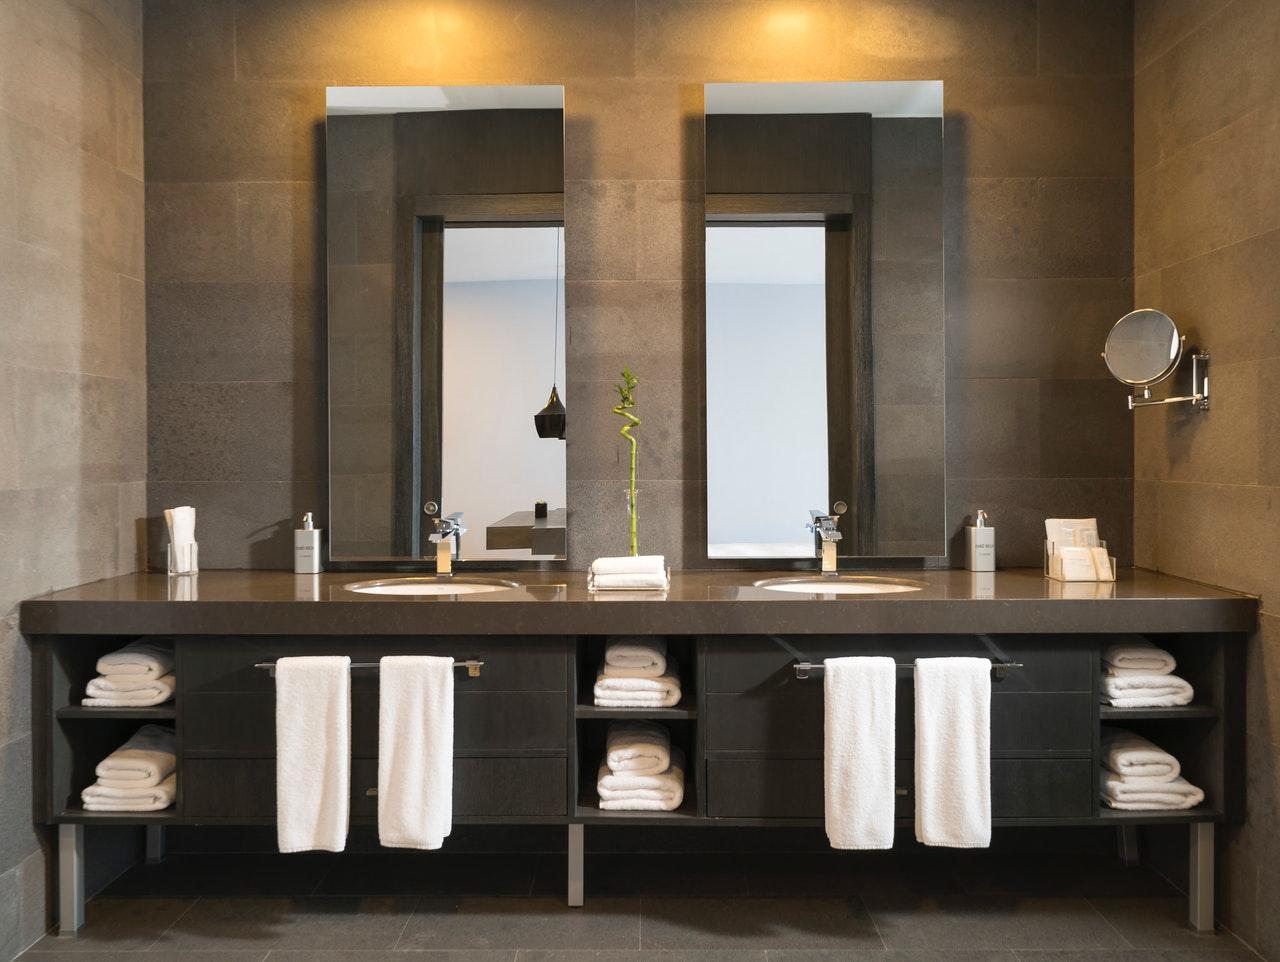 Bruk permisjonen til å designe et nytt bad